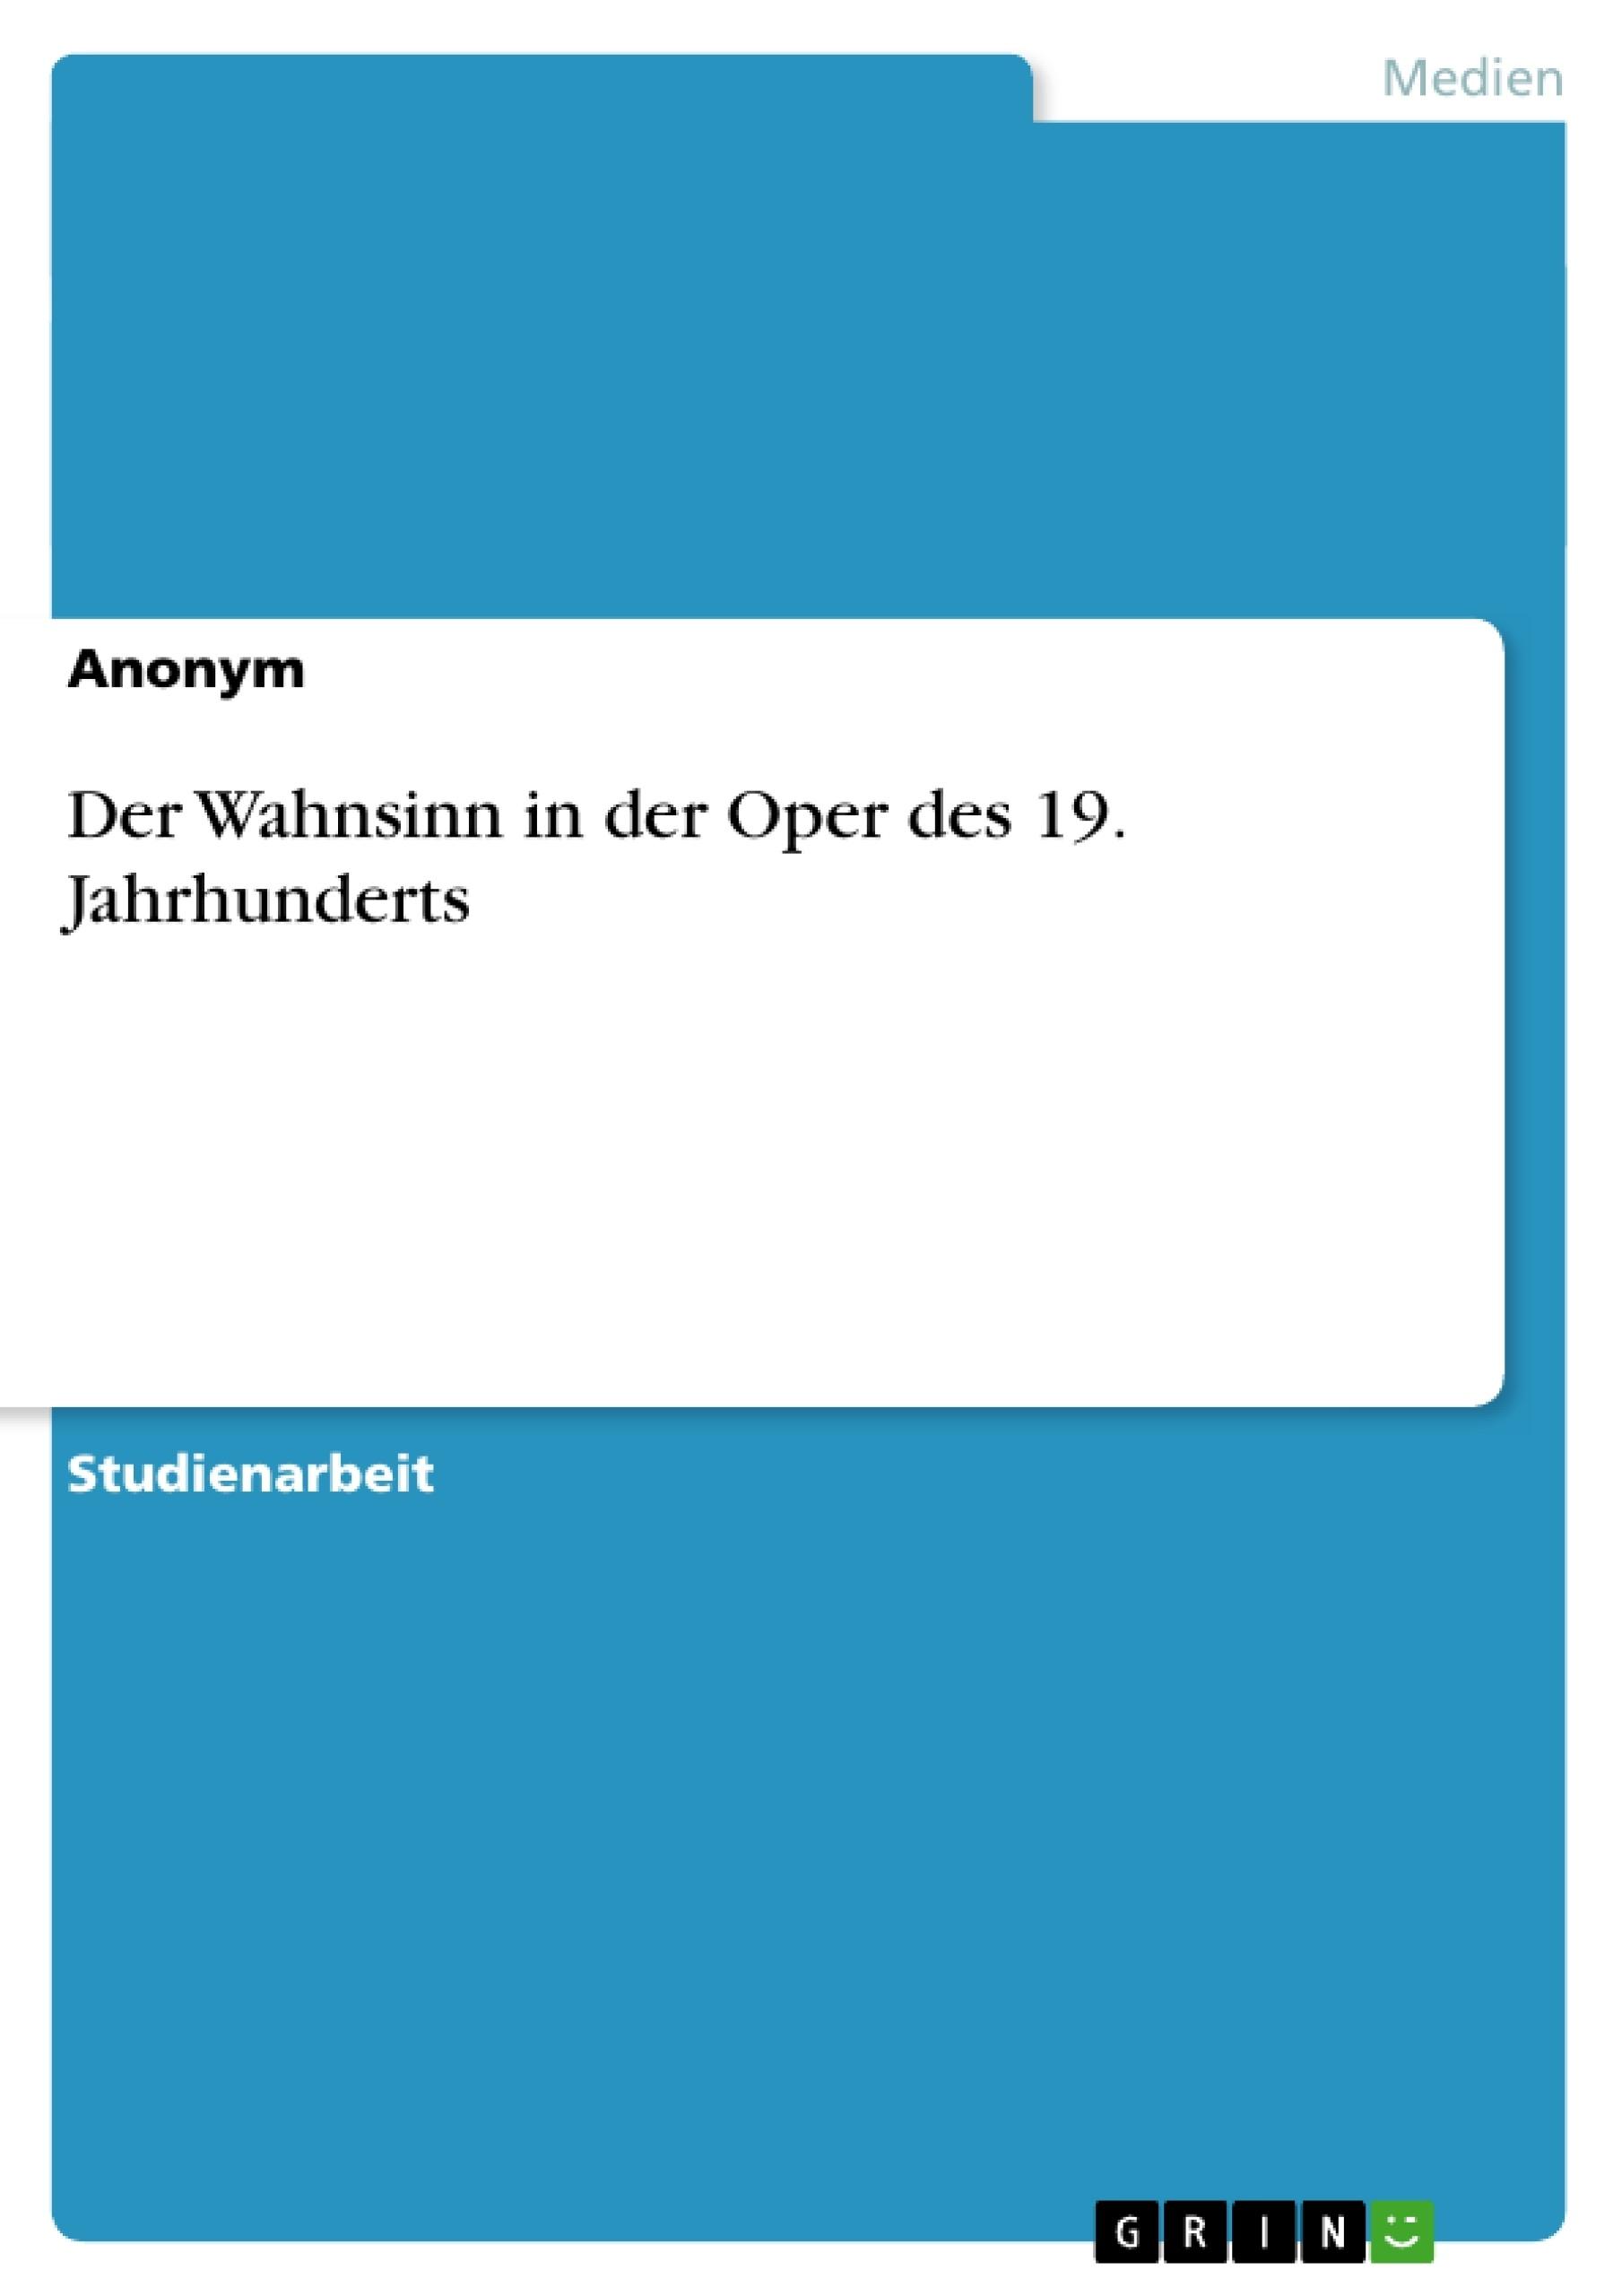 Titel: Der Wahnsinn in der Oper des 19. Jahrhunderts